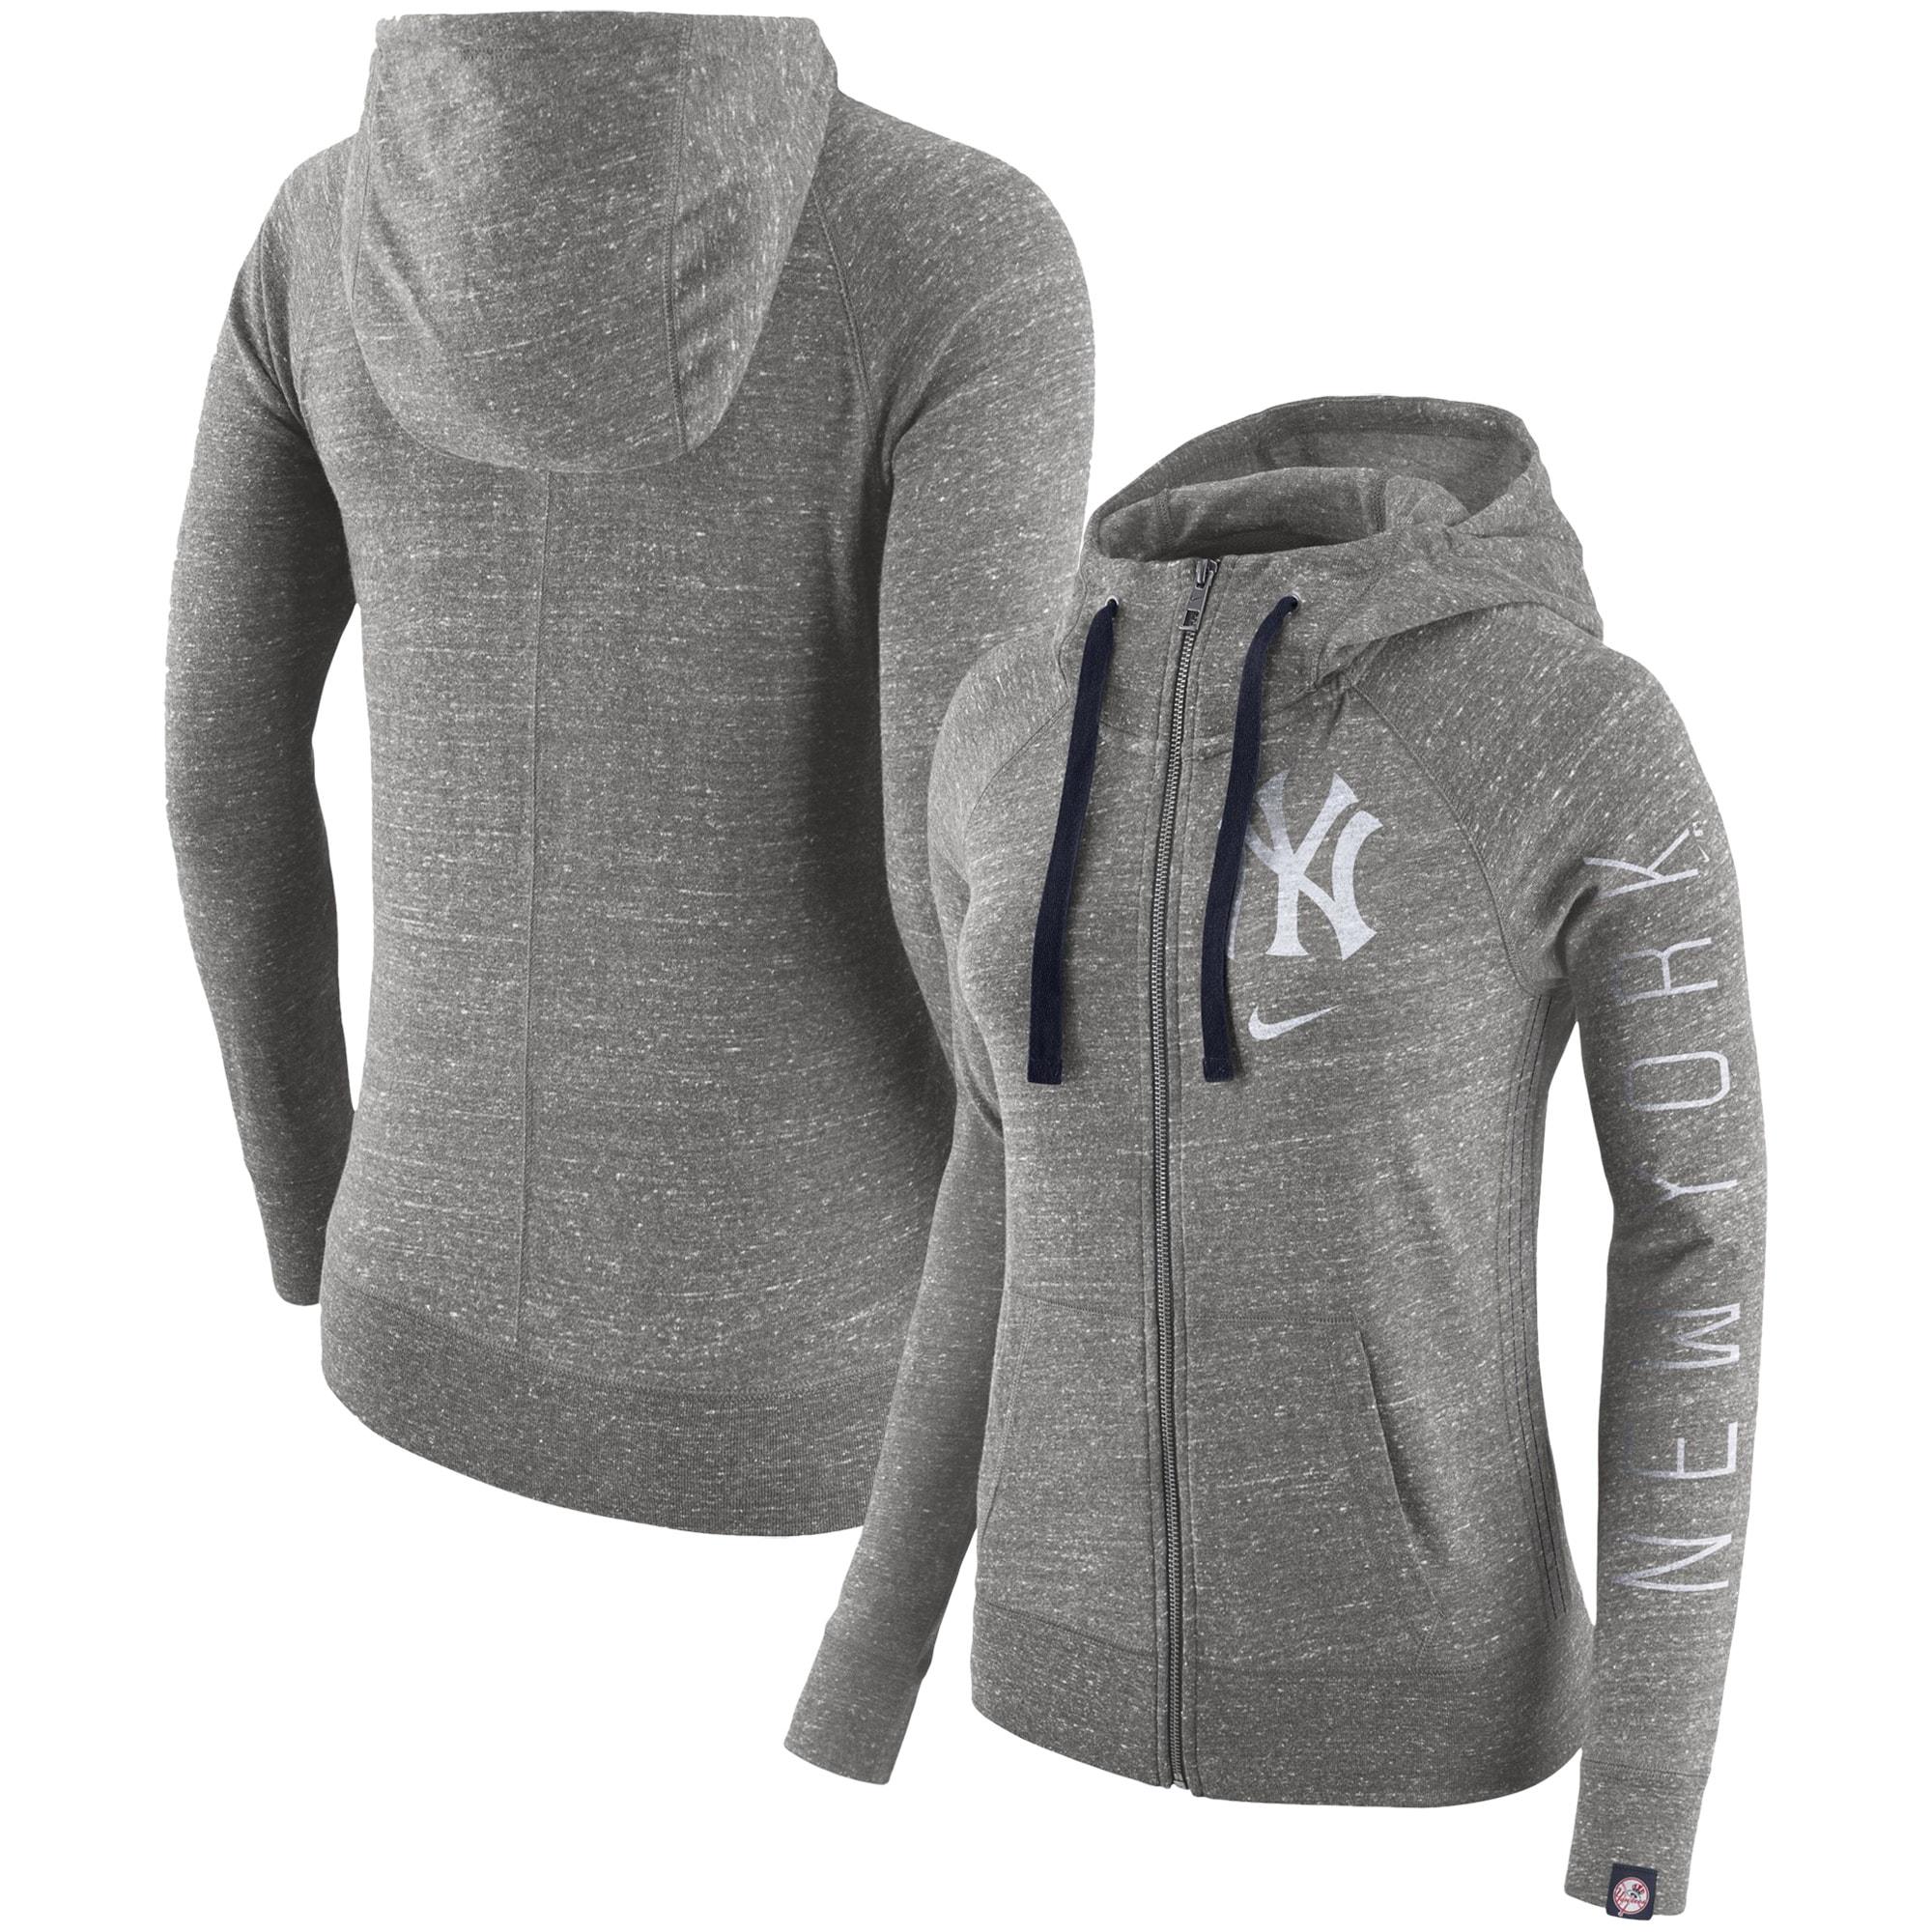 New York Yankees Nike Women's Vintage Full-Zip Hoodie - Gray